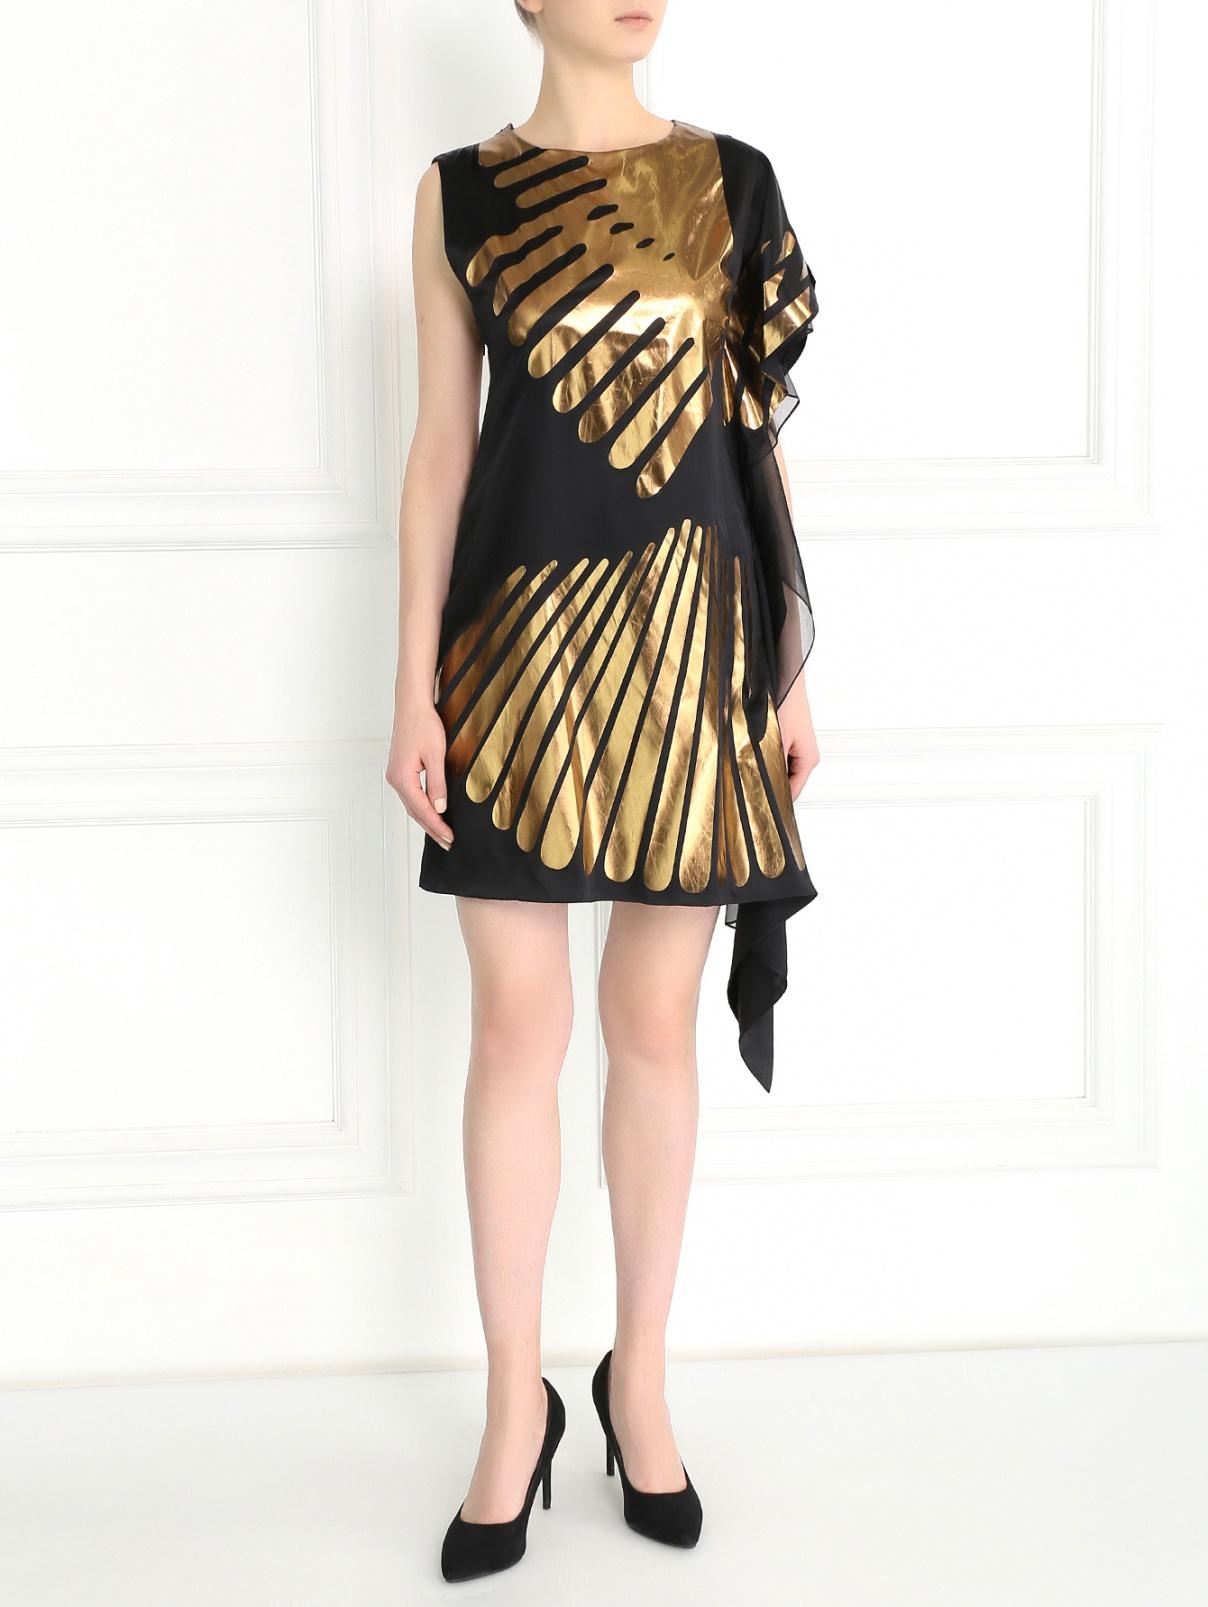 Асимметричное платье-мини из шелка с принтом Rue du Mail  –  Модель Общий вид  – Цвет:  Черный